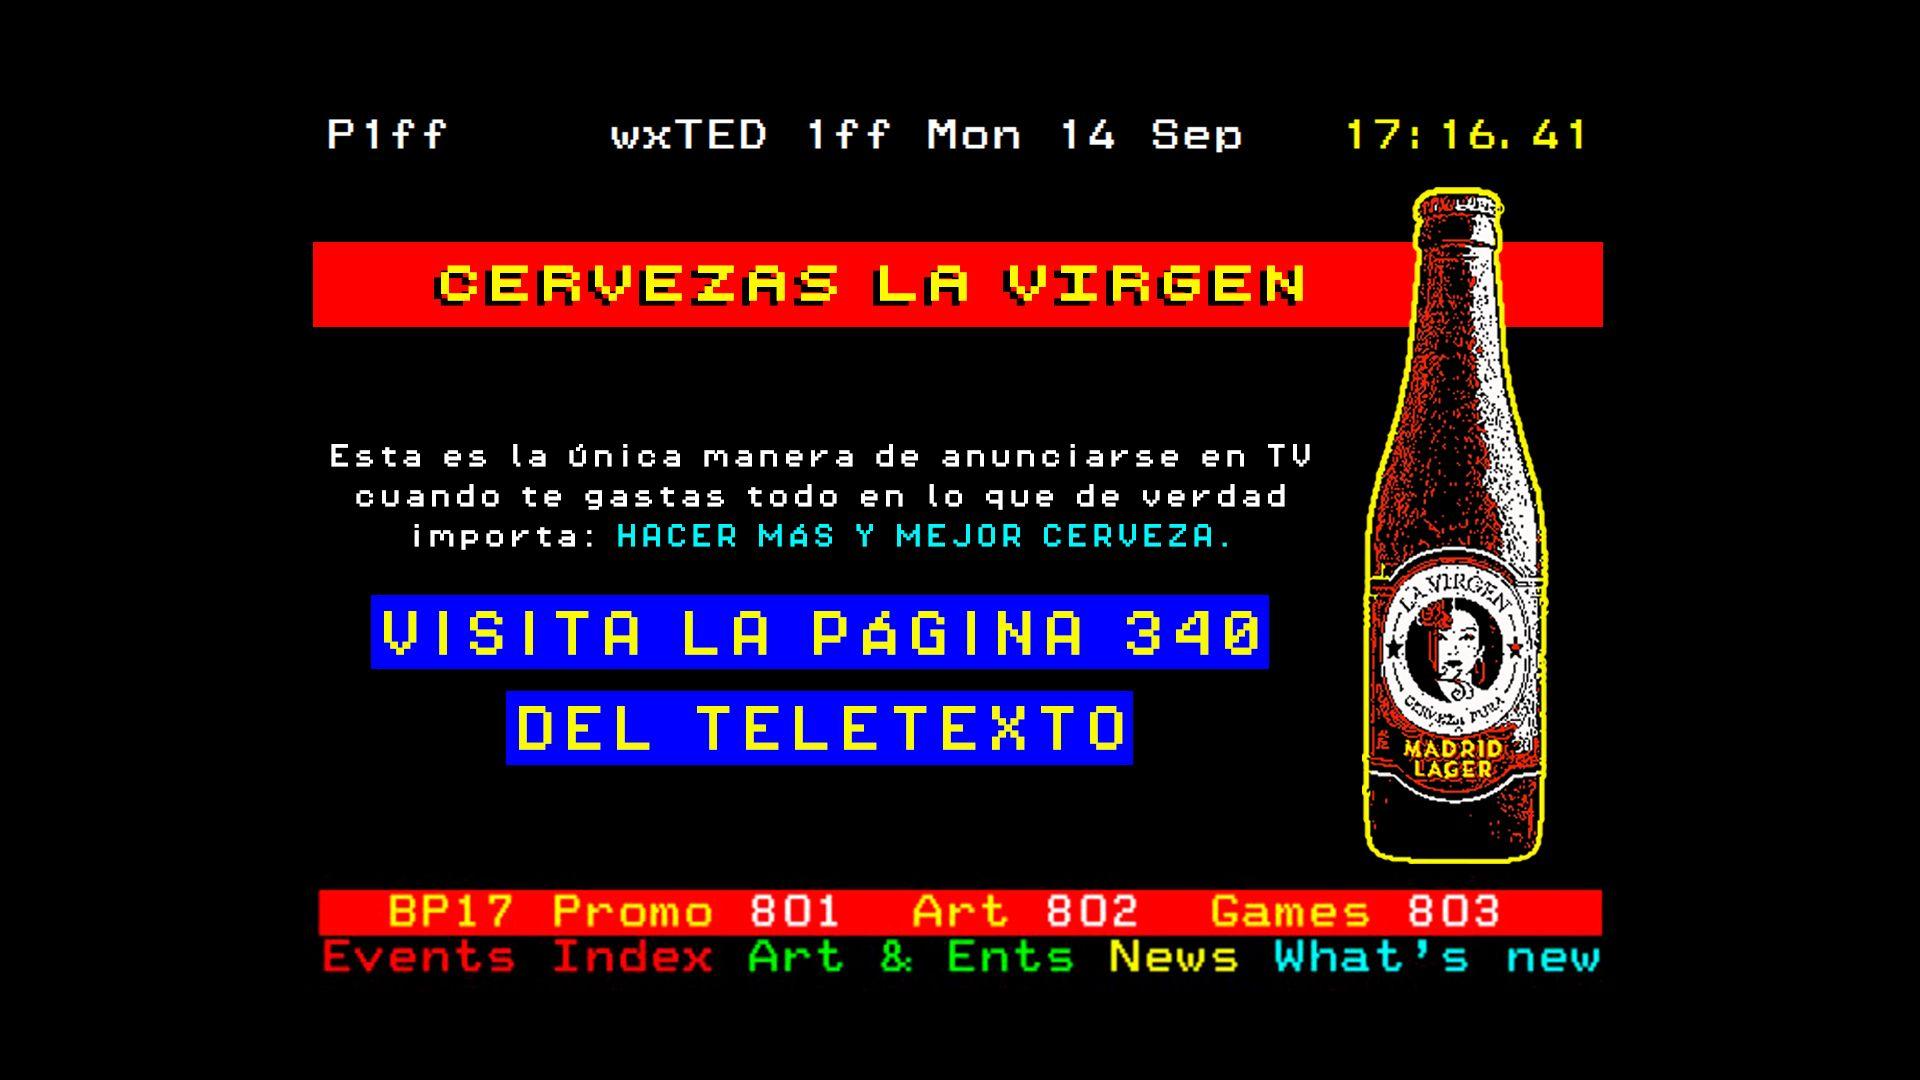 La Virgen vende cerveza a través del Teletexto